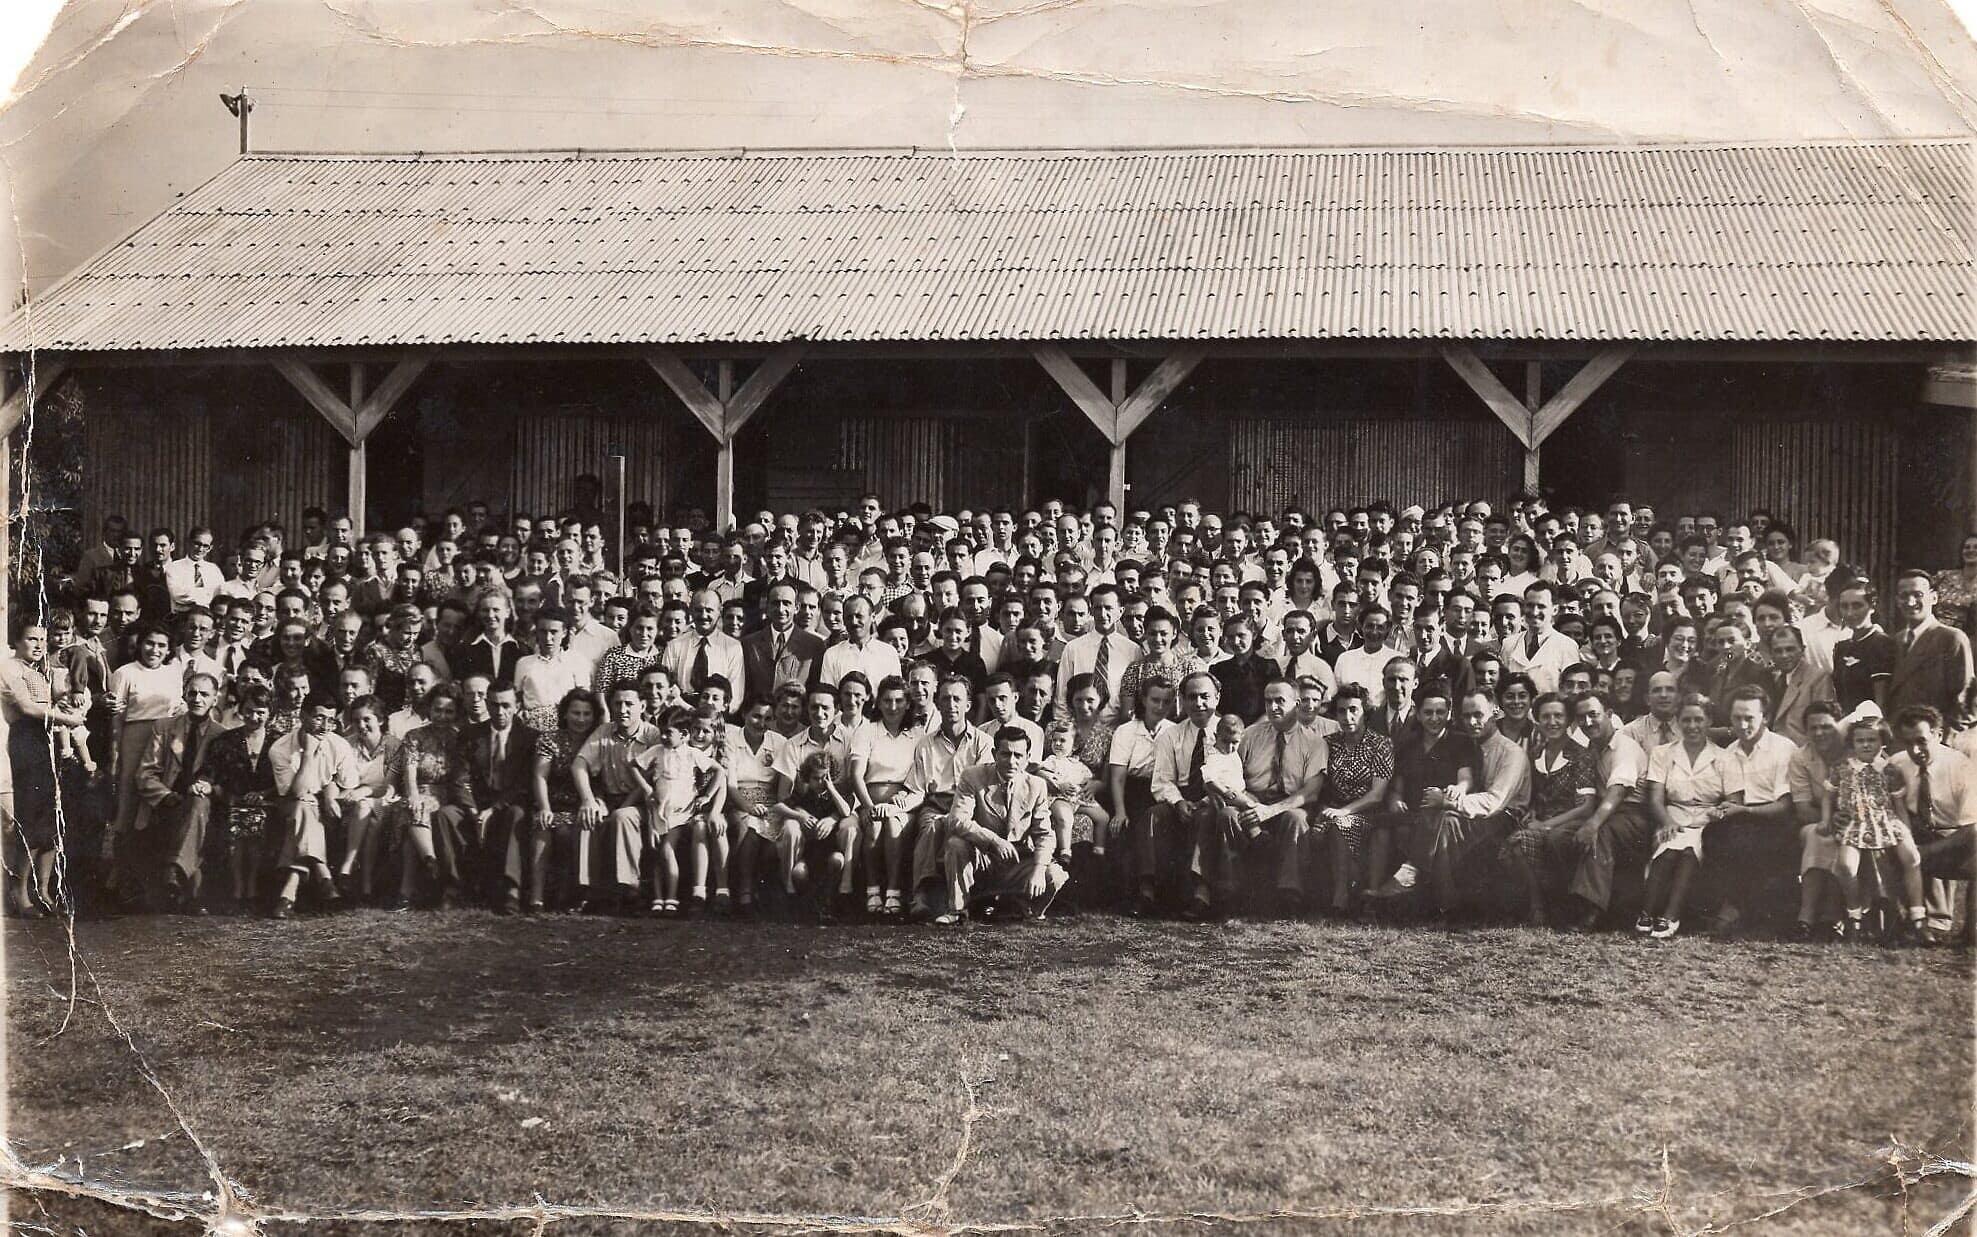 קבוצת עצורים יהודים מצ'כיה בכלא בו-באסין ב-1941 (צילום: באדיבות גדעון איקוביץ')